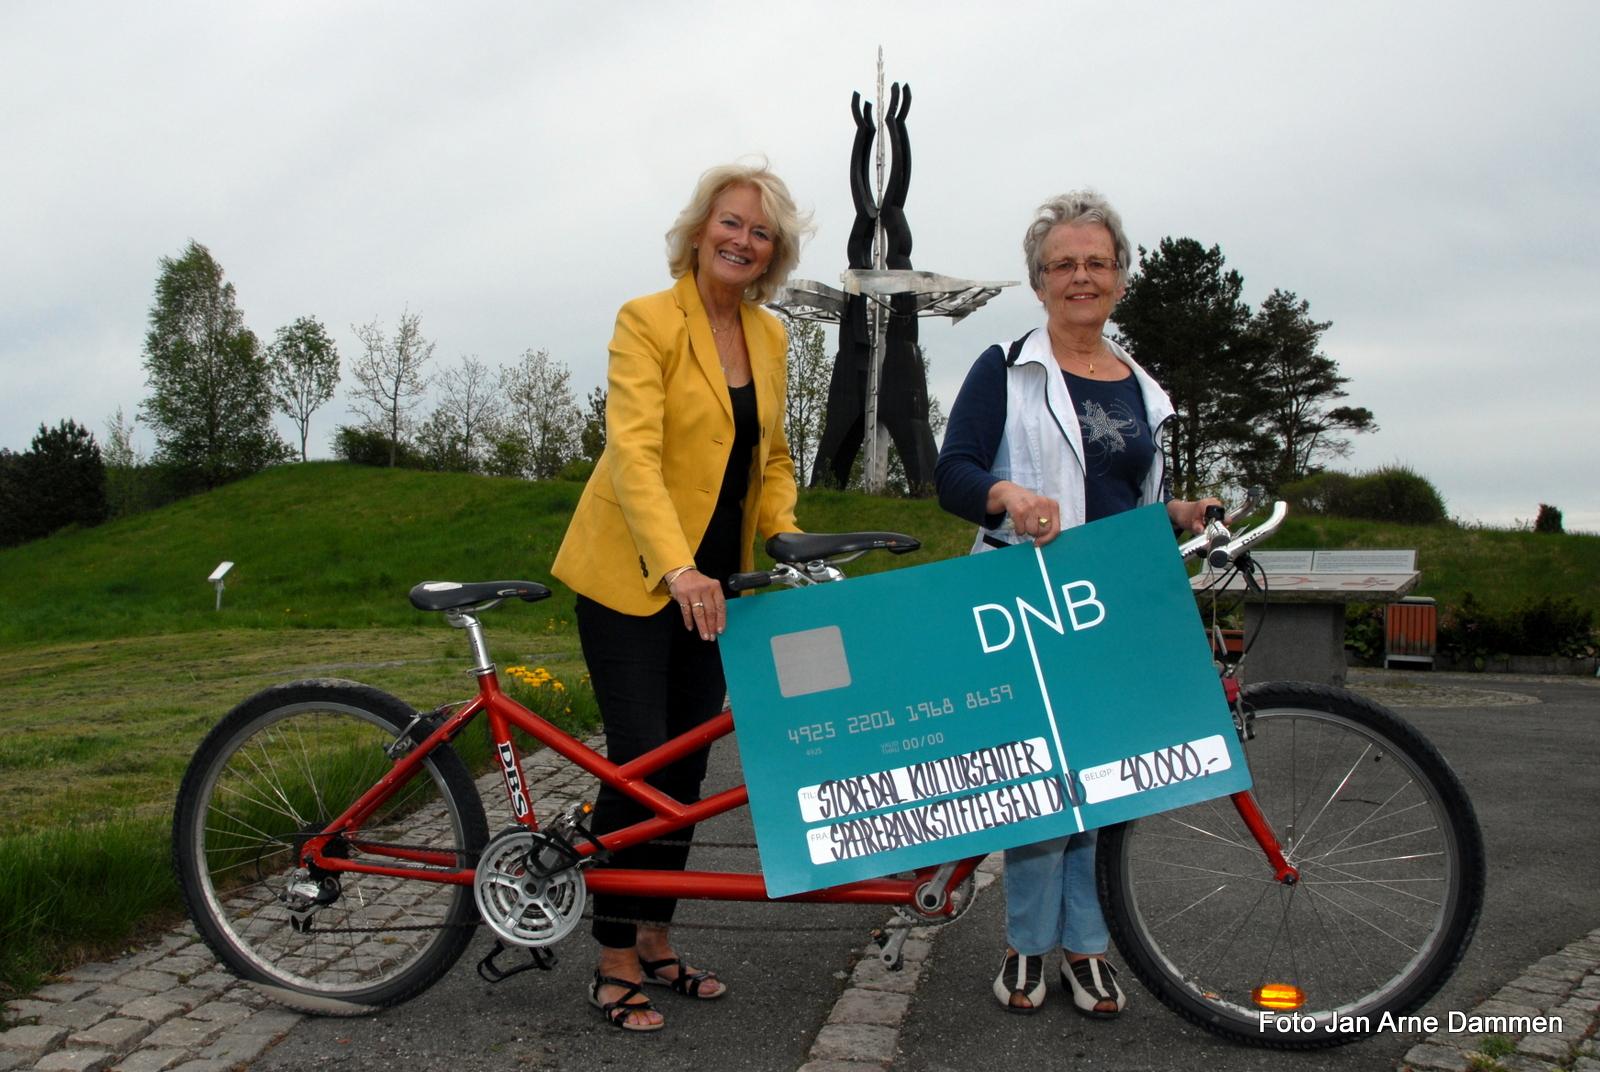 Diane S. Hanisch og Ingebjørg Guslund har bestilt nye sykler. Foto Jan Arne Dammen